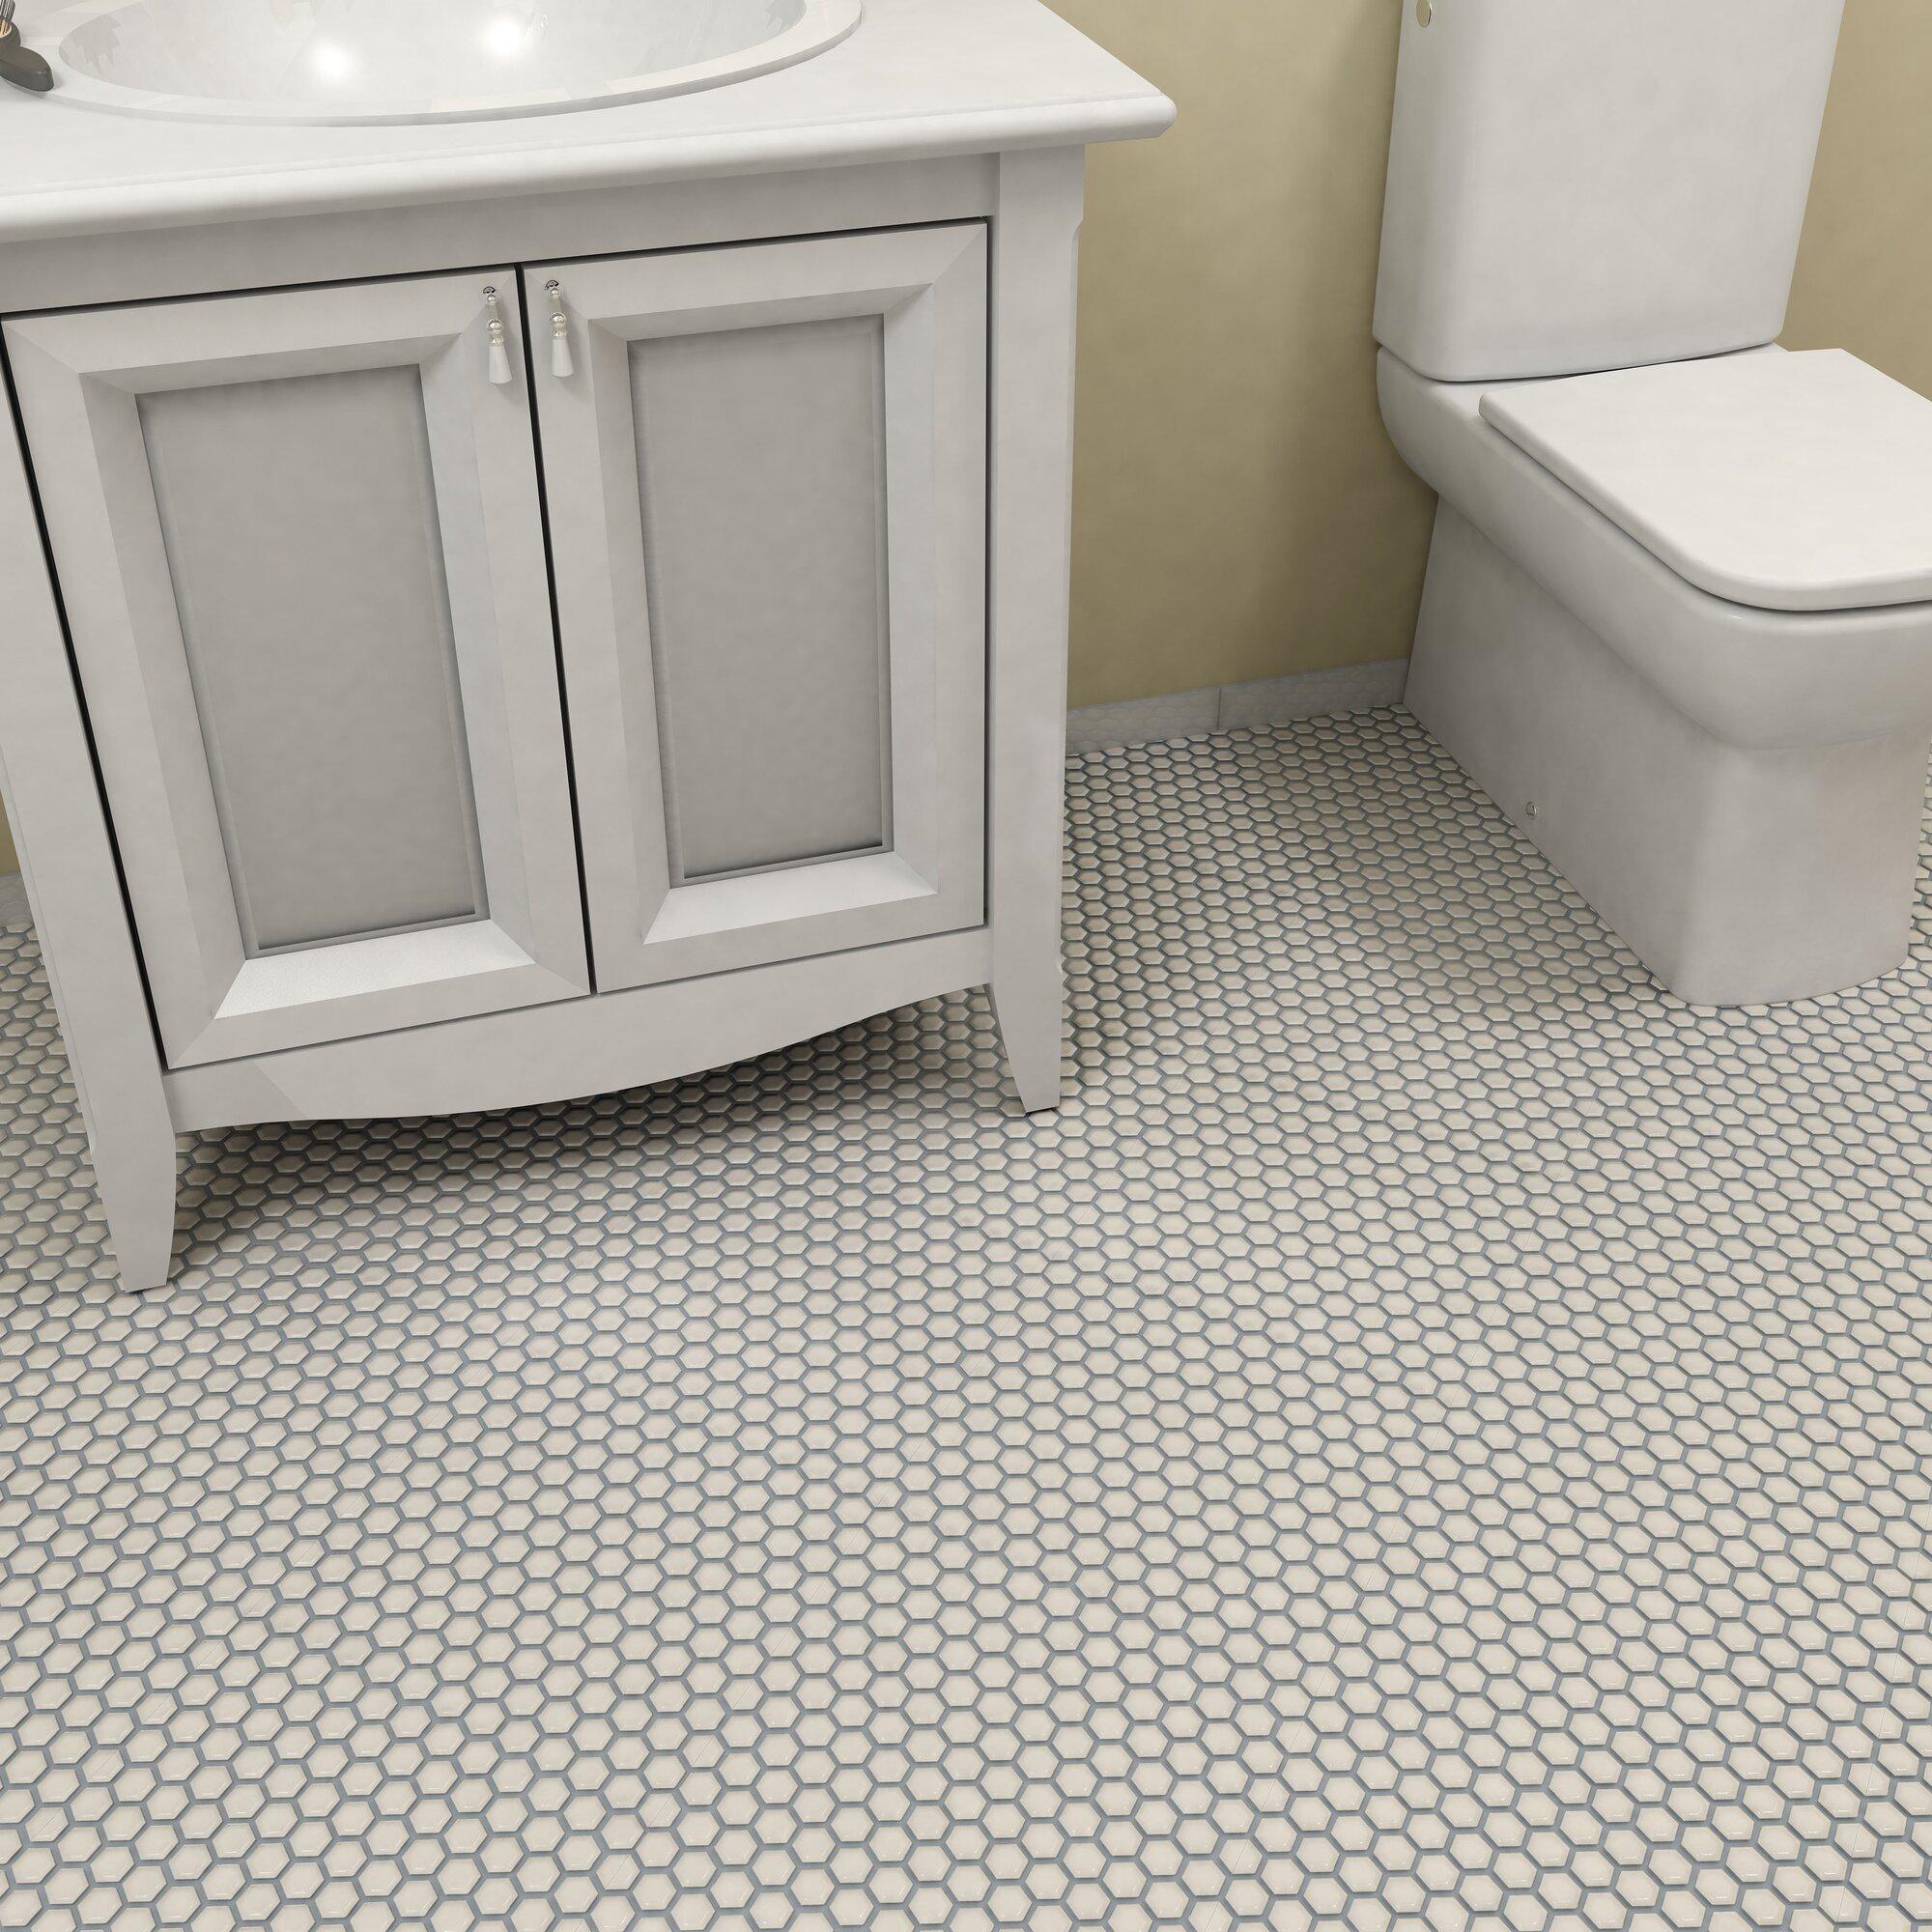 """Porcelain Bathroom Floor Tiles: EliteTile Retro 0.875"""" X 0.875"""" Hex Porcelain Mosaic Tile"""